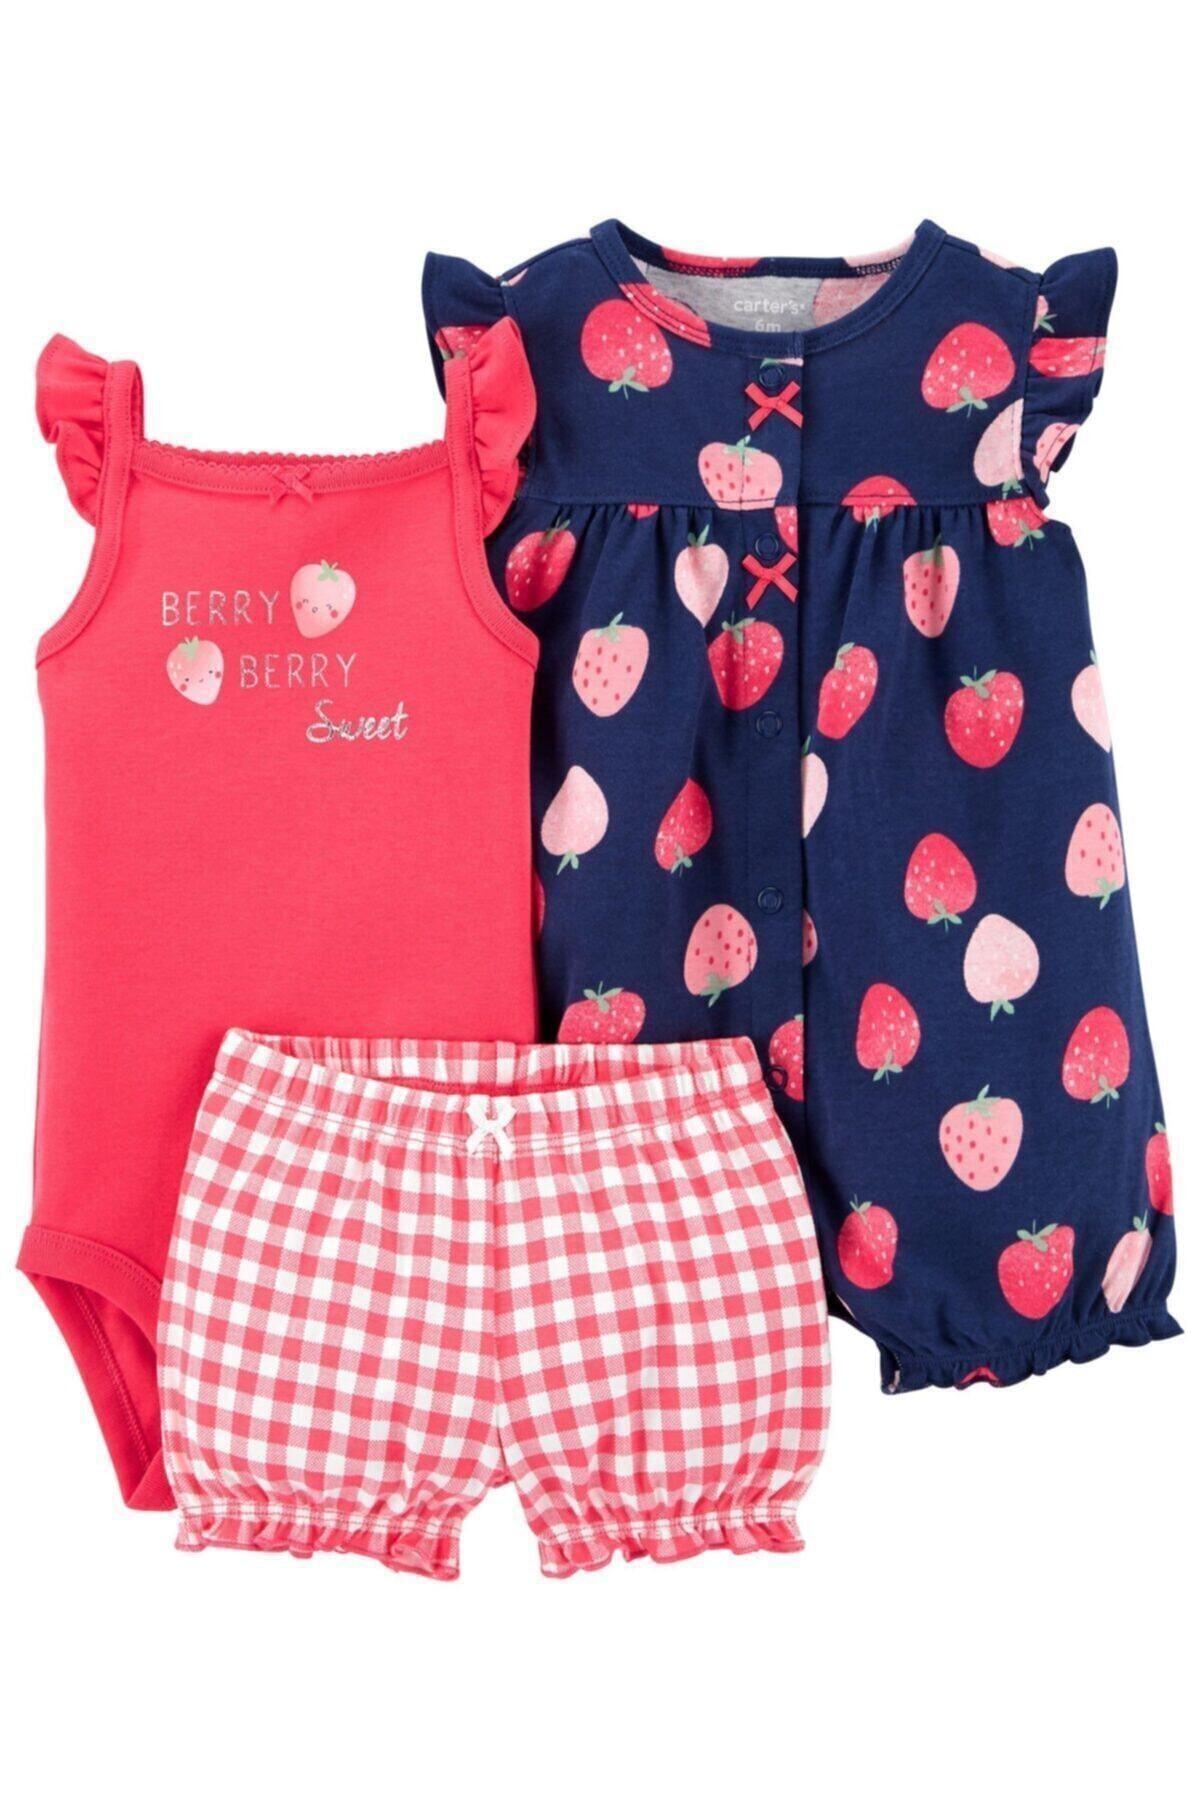 ست لباس ارزان برند Carters رنگ قرمز ty101903441